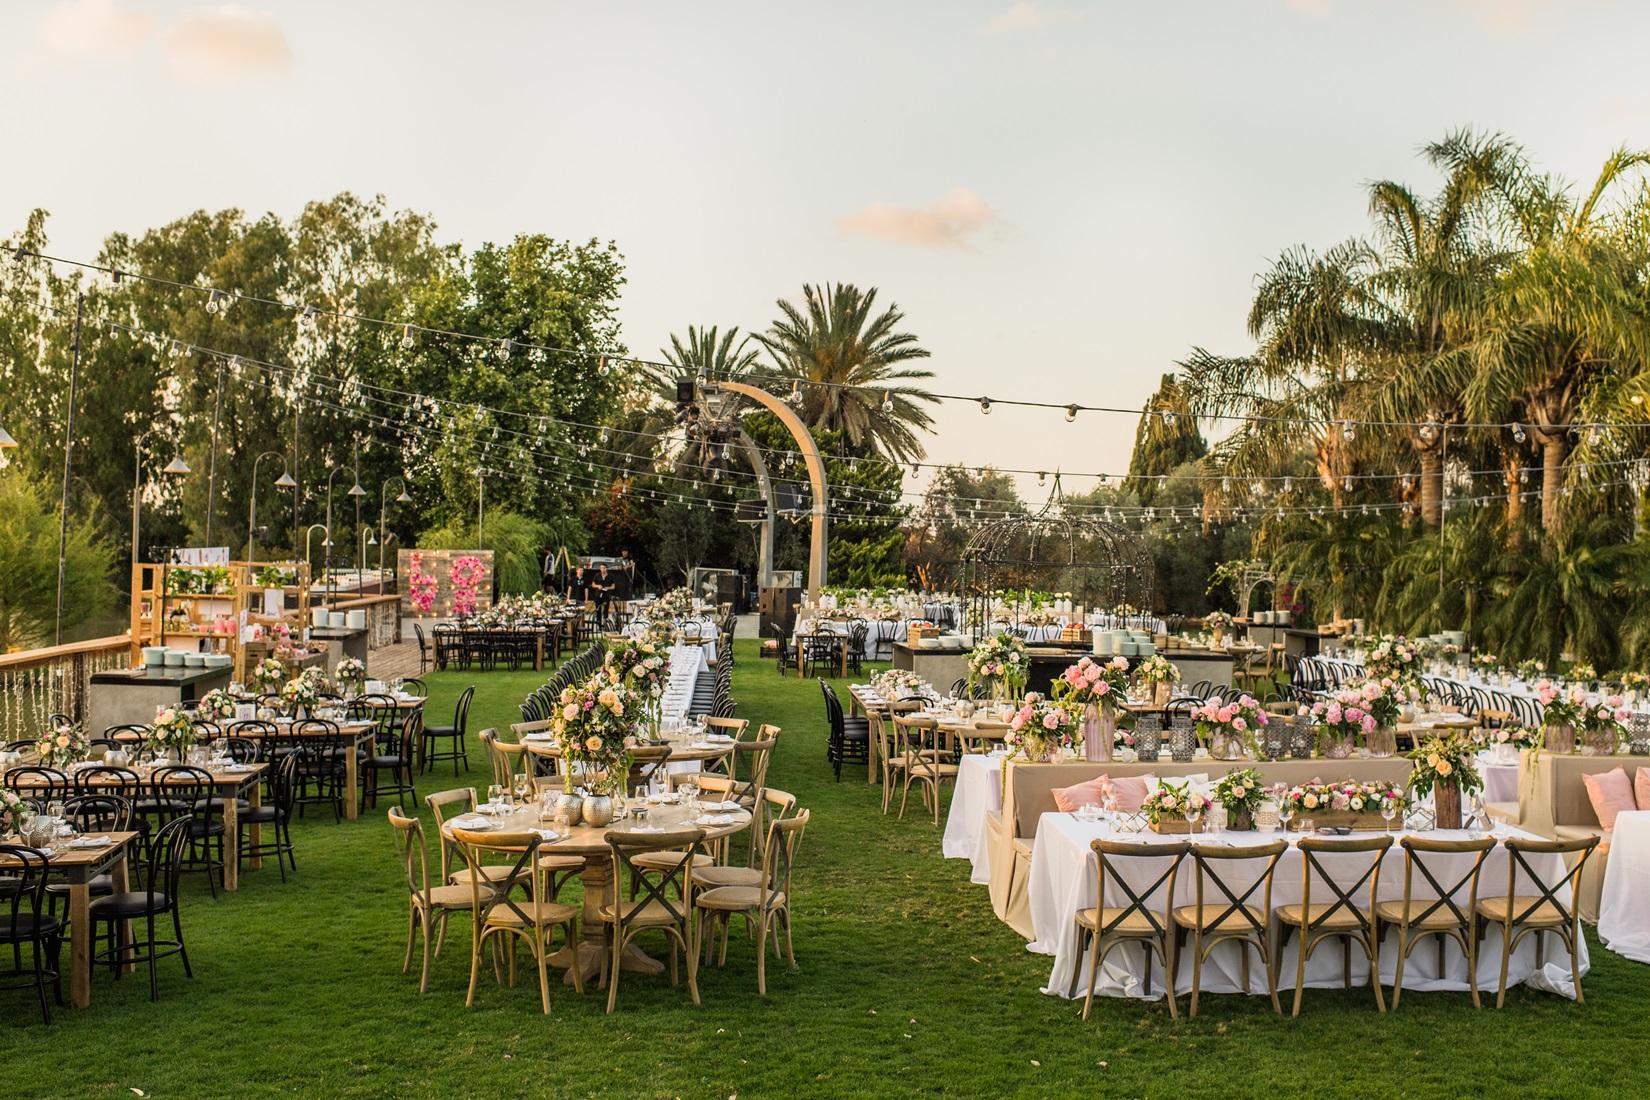 הכל בשביל האורחים: החתונה של דניאל ואלעד